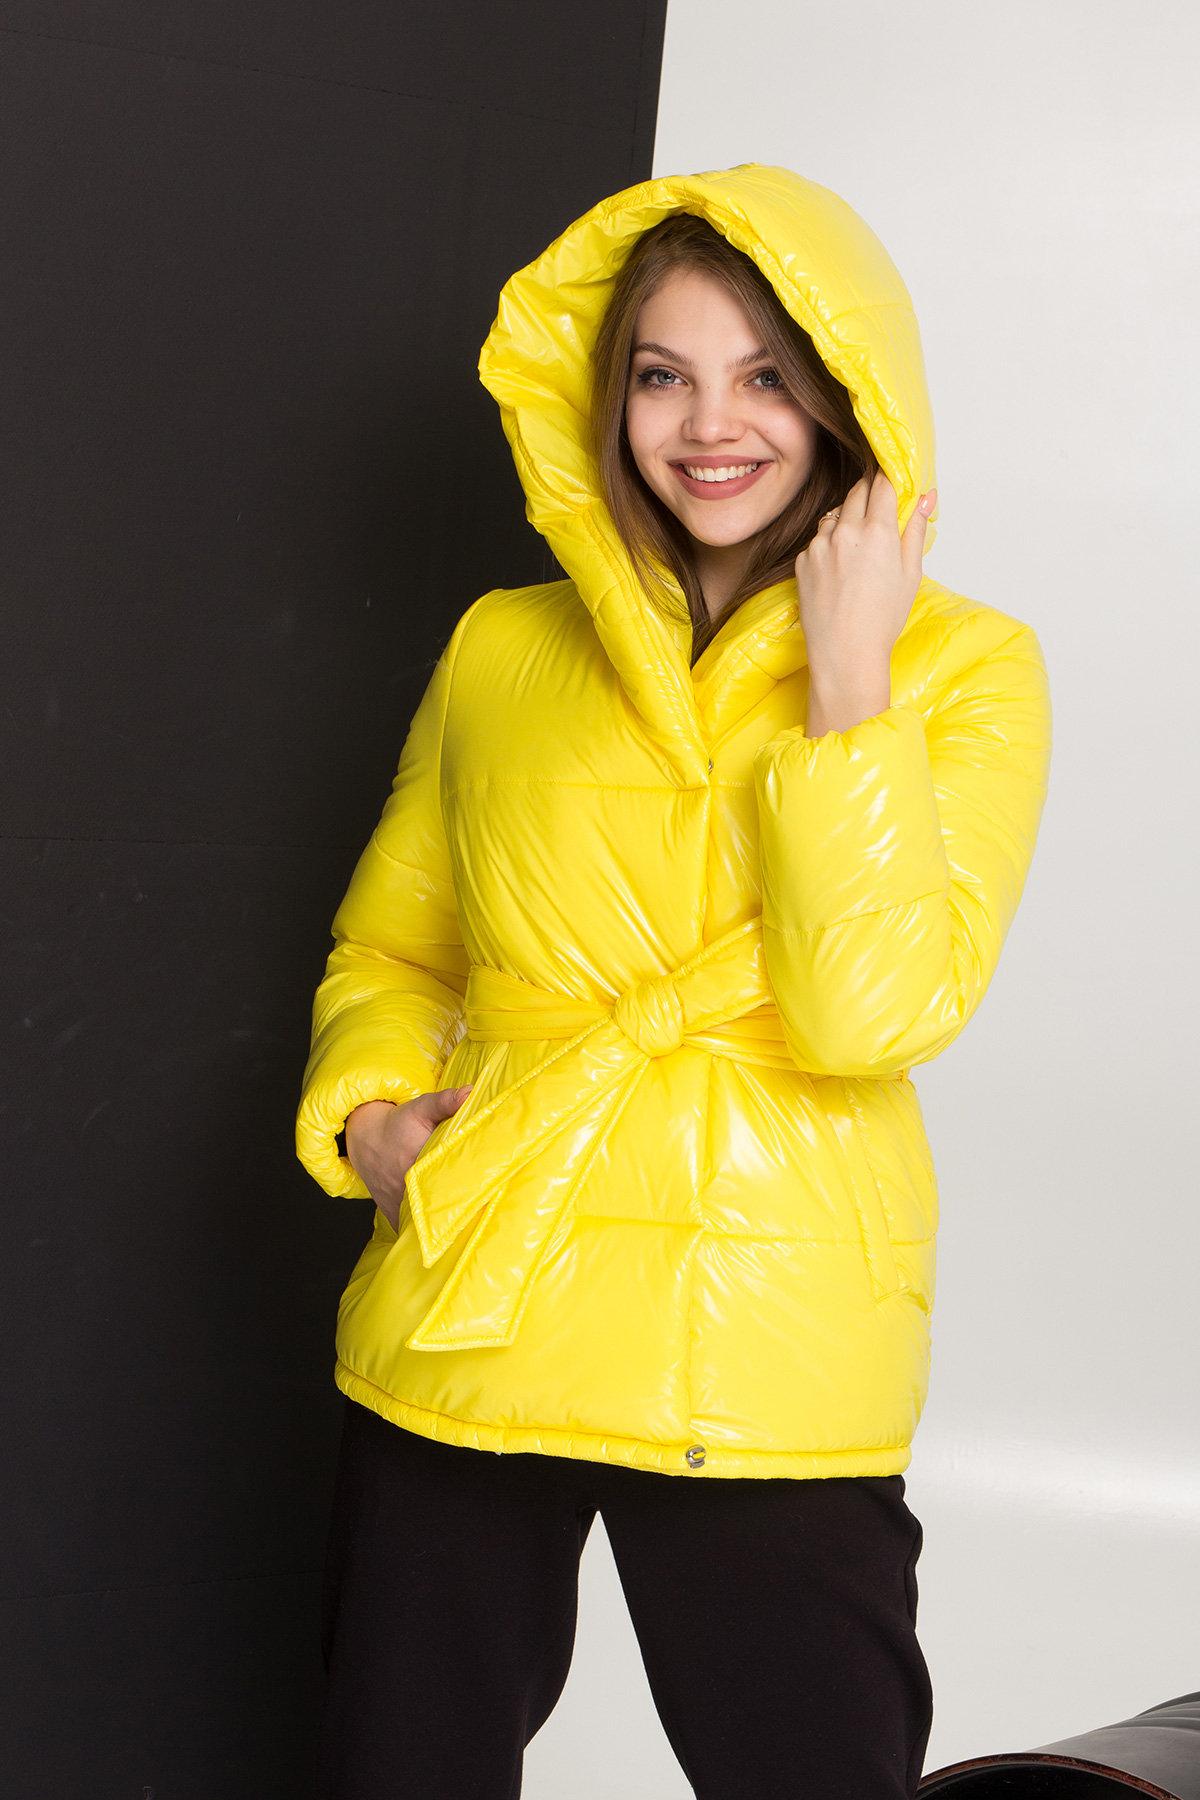 Лаковая куртка пуховик с поясом Бумер 8696 АРТ. 45243 Цвет: т.серый/желтый/черный - фото 5, интернет магазин tm-modus.ru